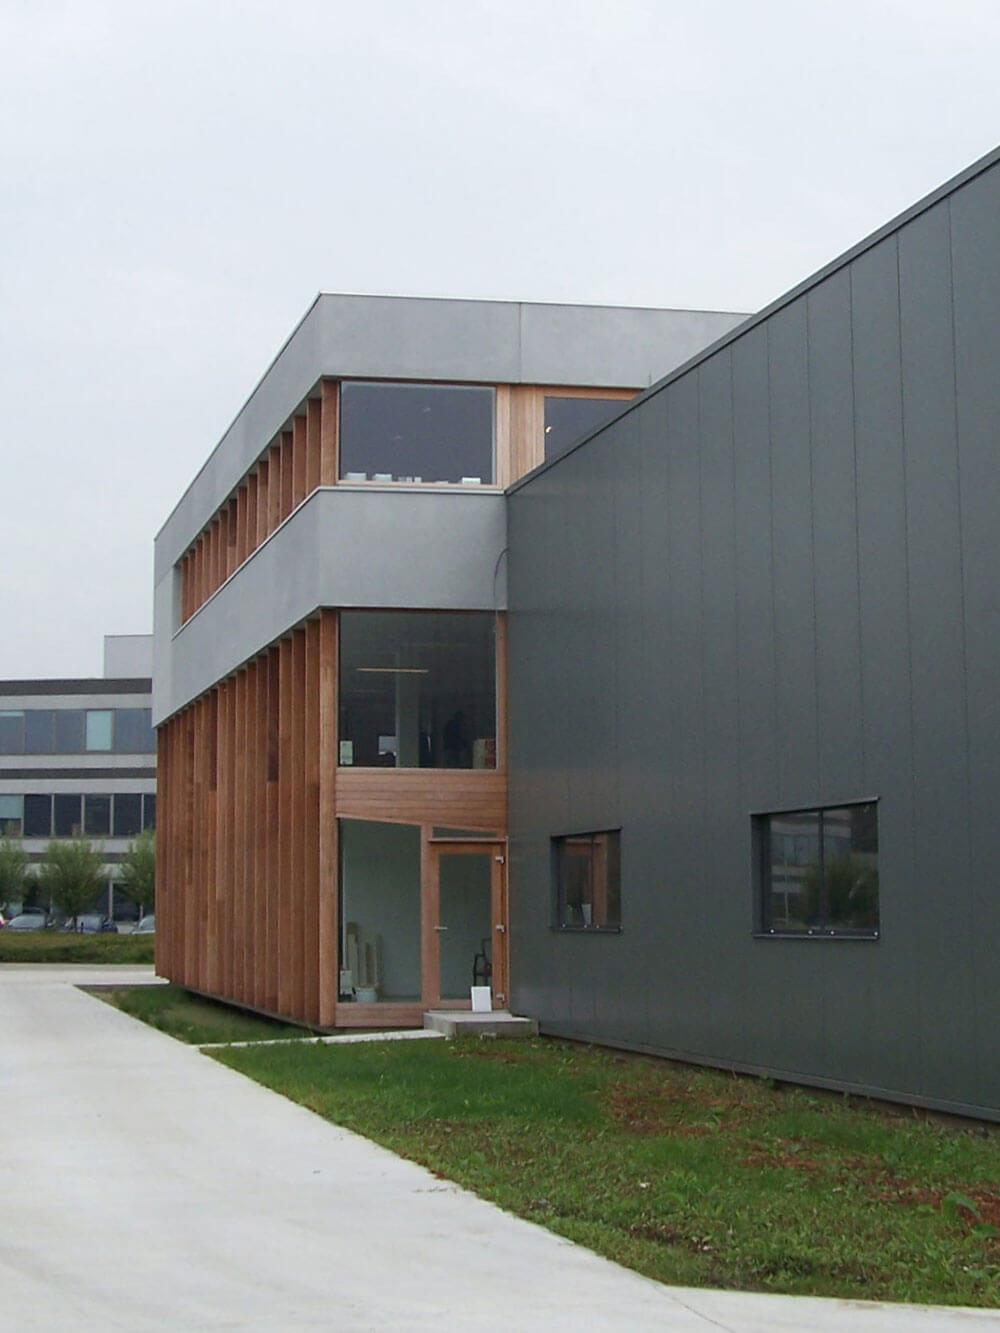 Door de verticale balkstructuur wordt de inkijk beperkt.